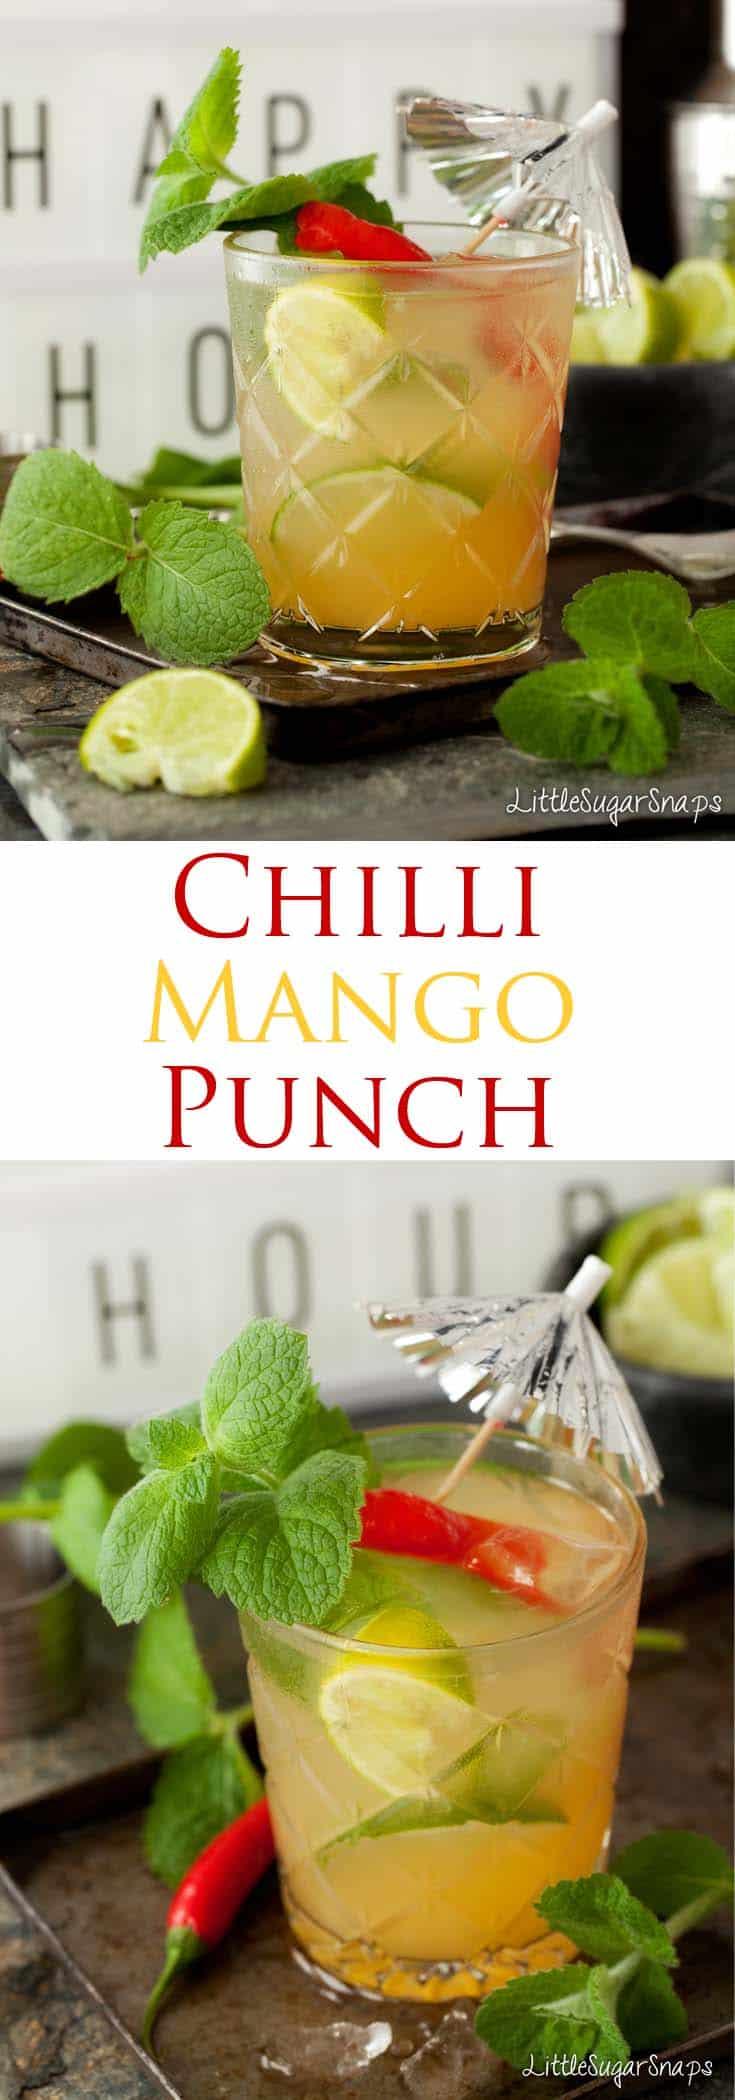 Chilli Mango Punch